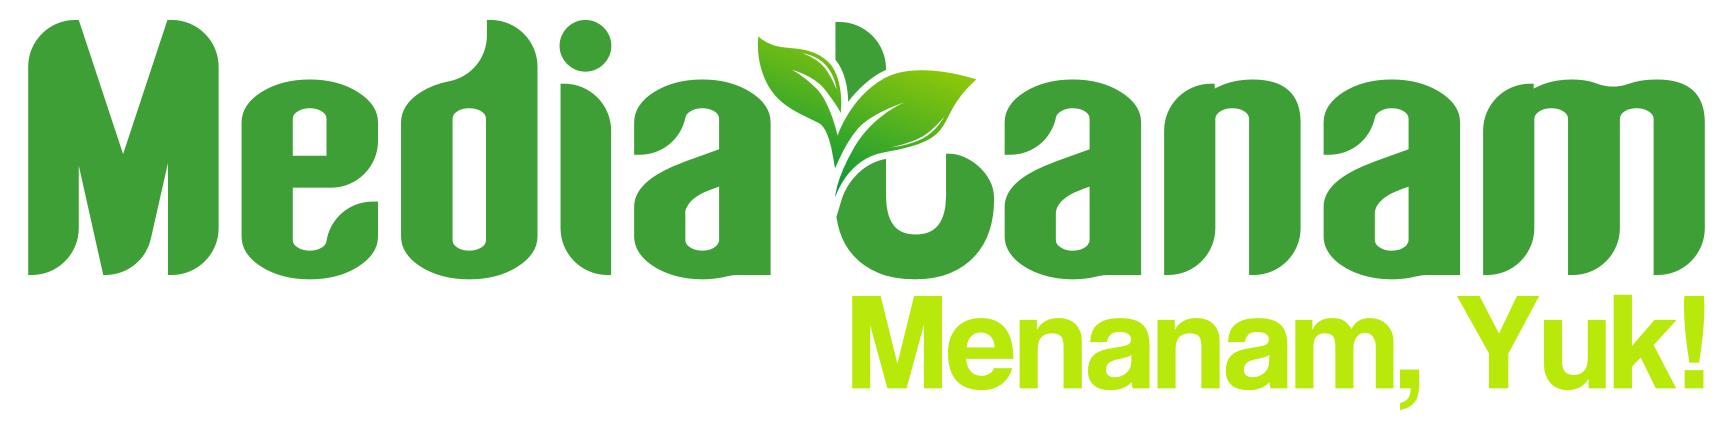 MediaTanam.com